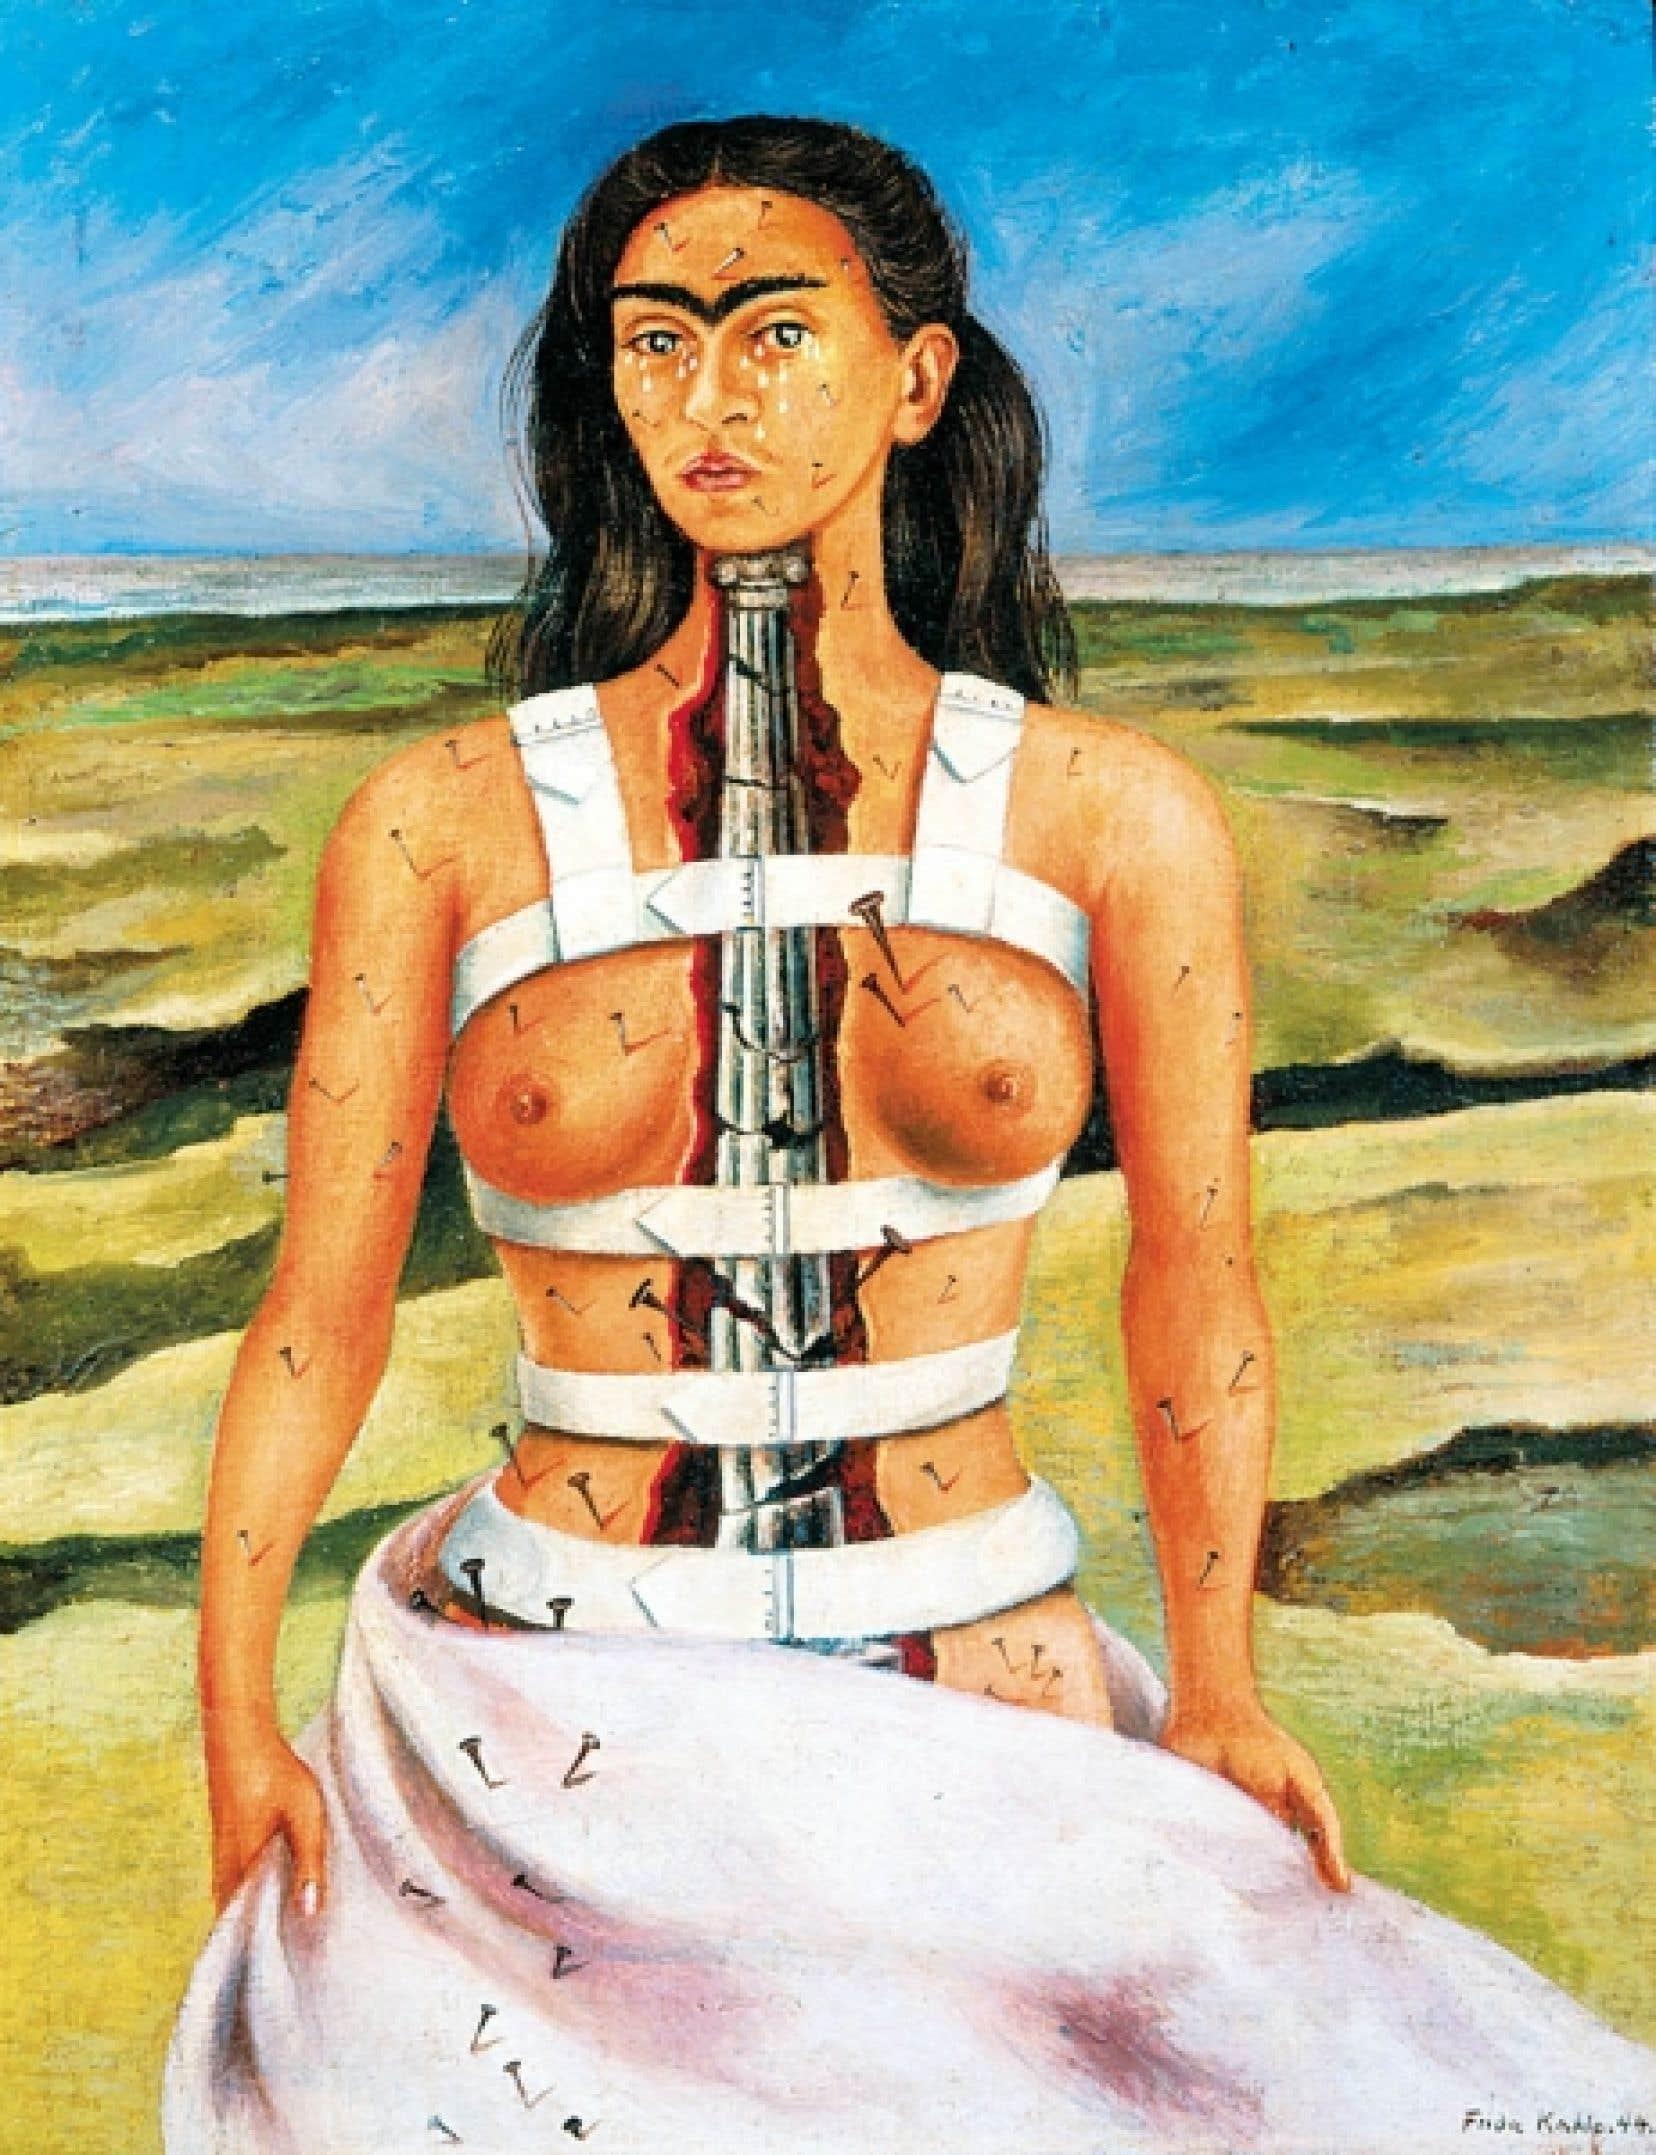 Frida Kahlo, <em>La colonna rota</em> (d&eacute;tail), 1944, Museo Dolores Olmedo Pati&ntilde;o, Mexico